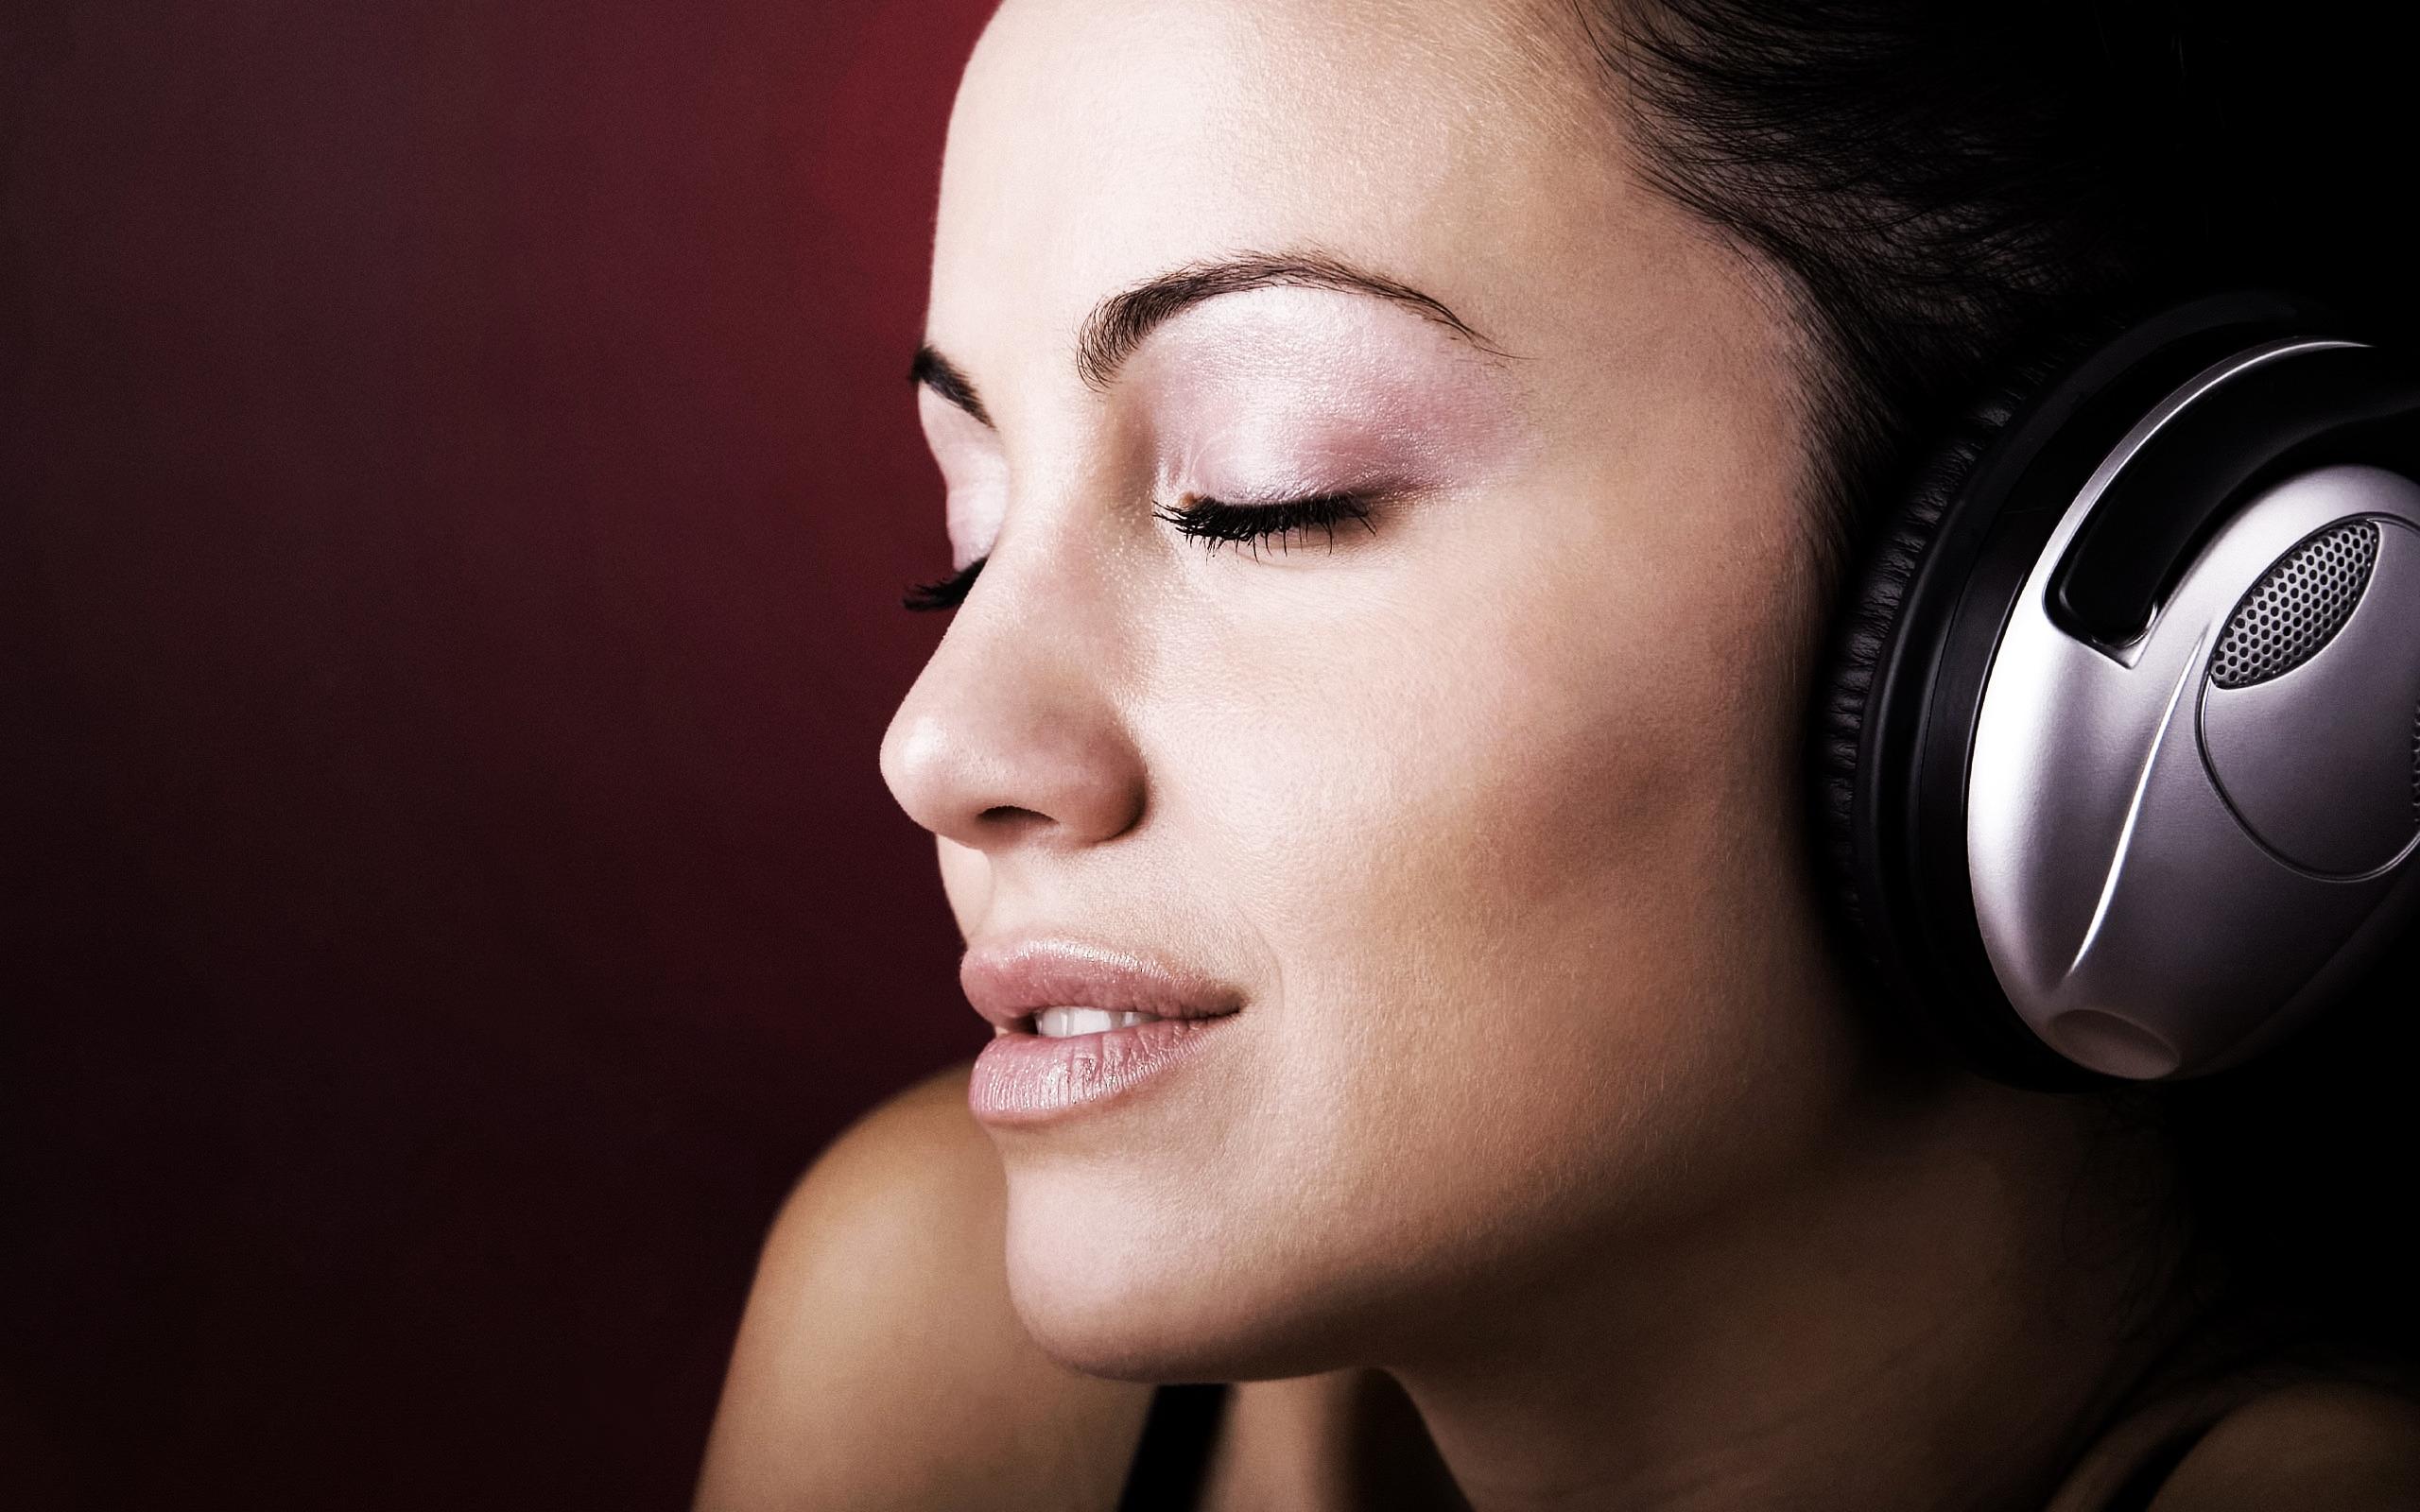 Music russia лучшая музыка в восточном стиле.